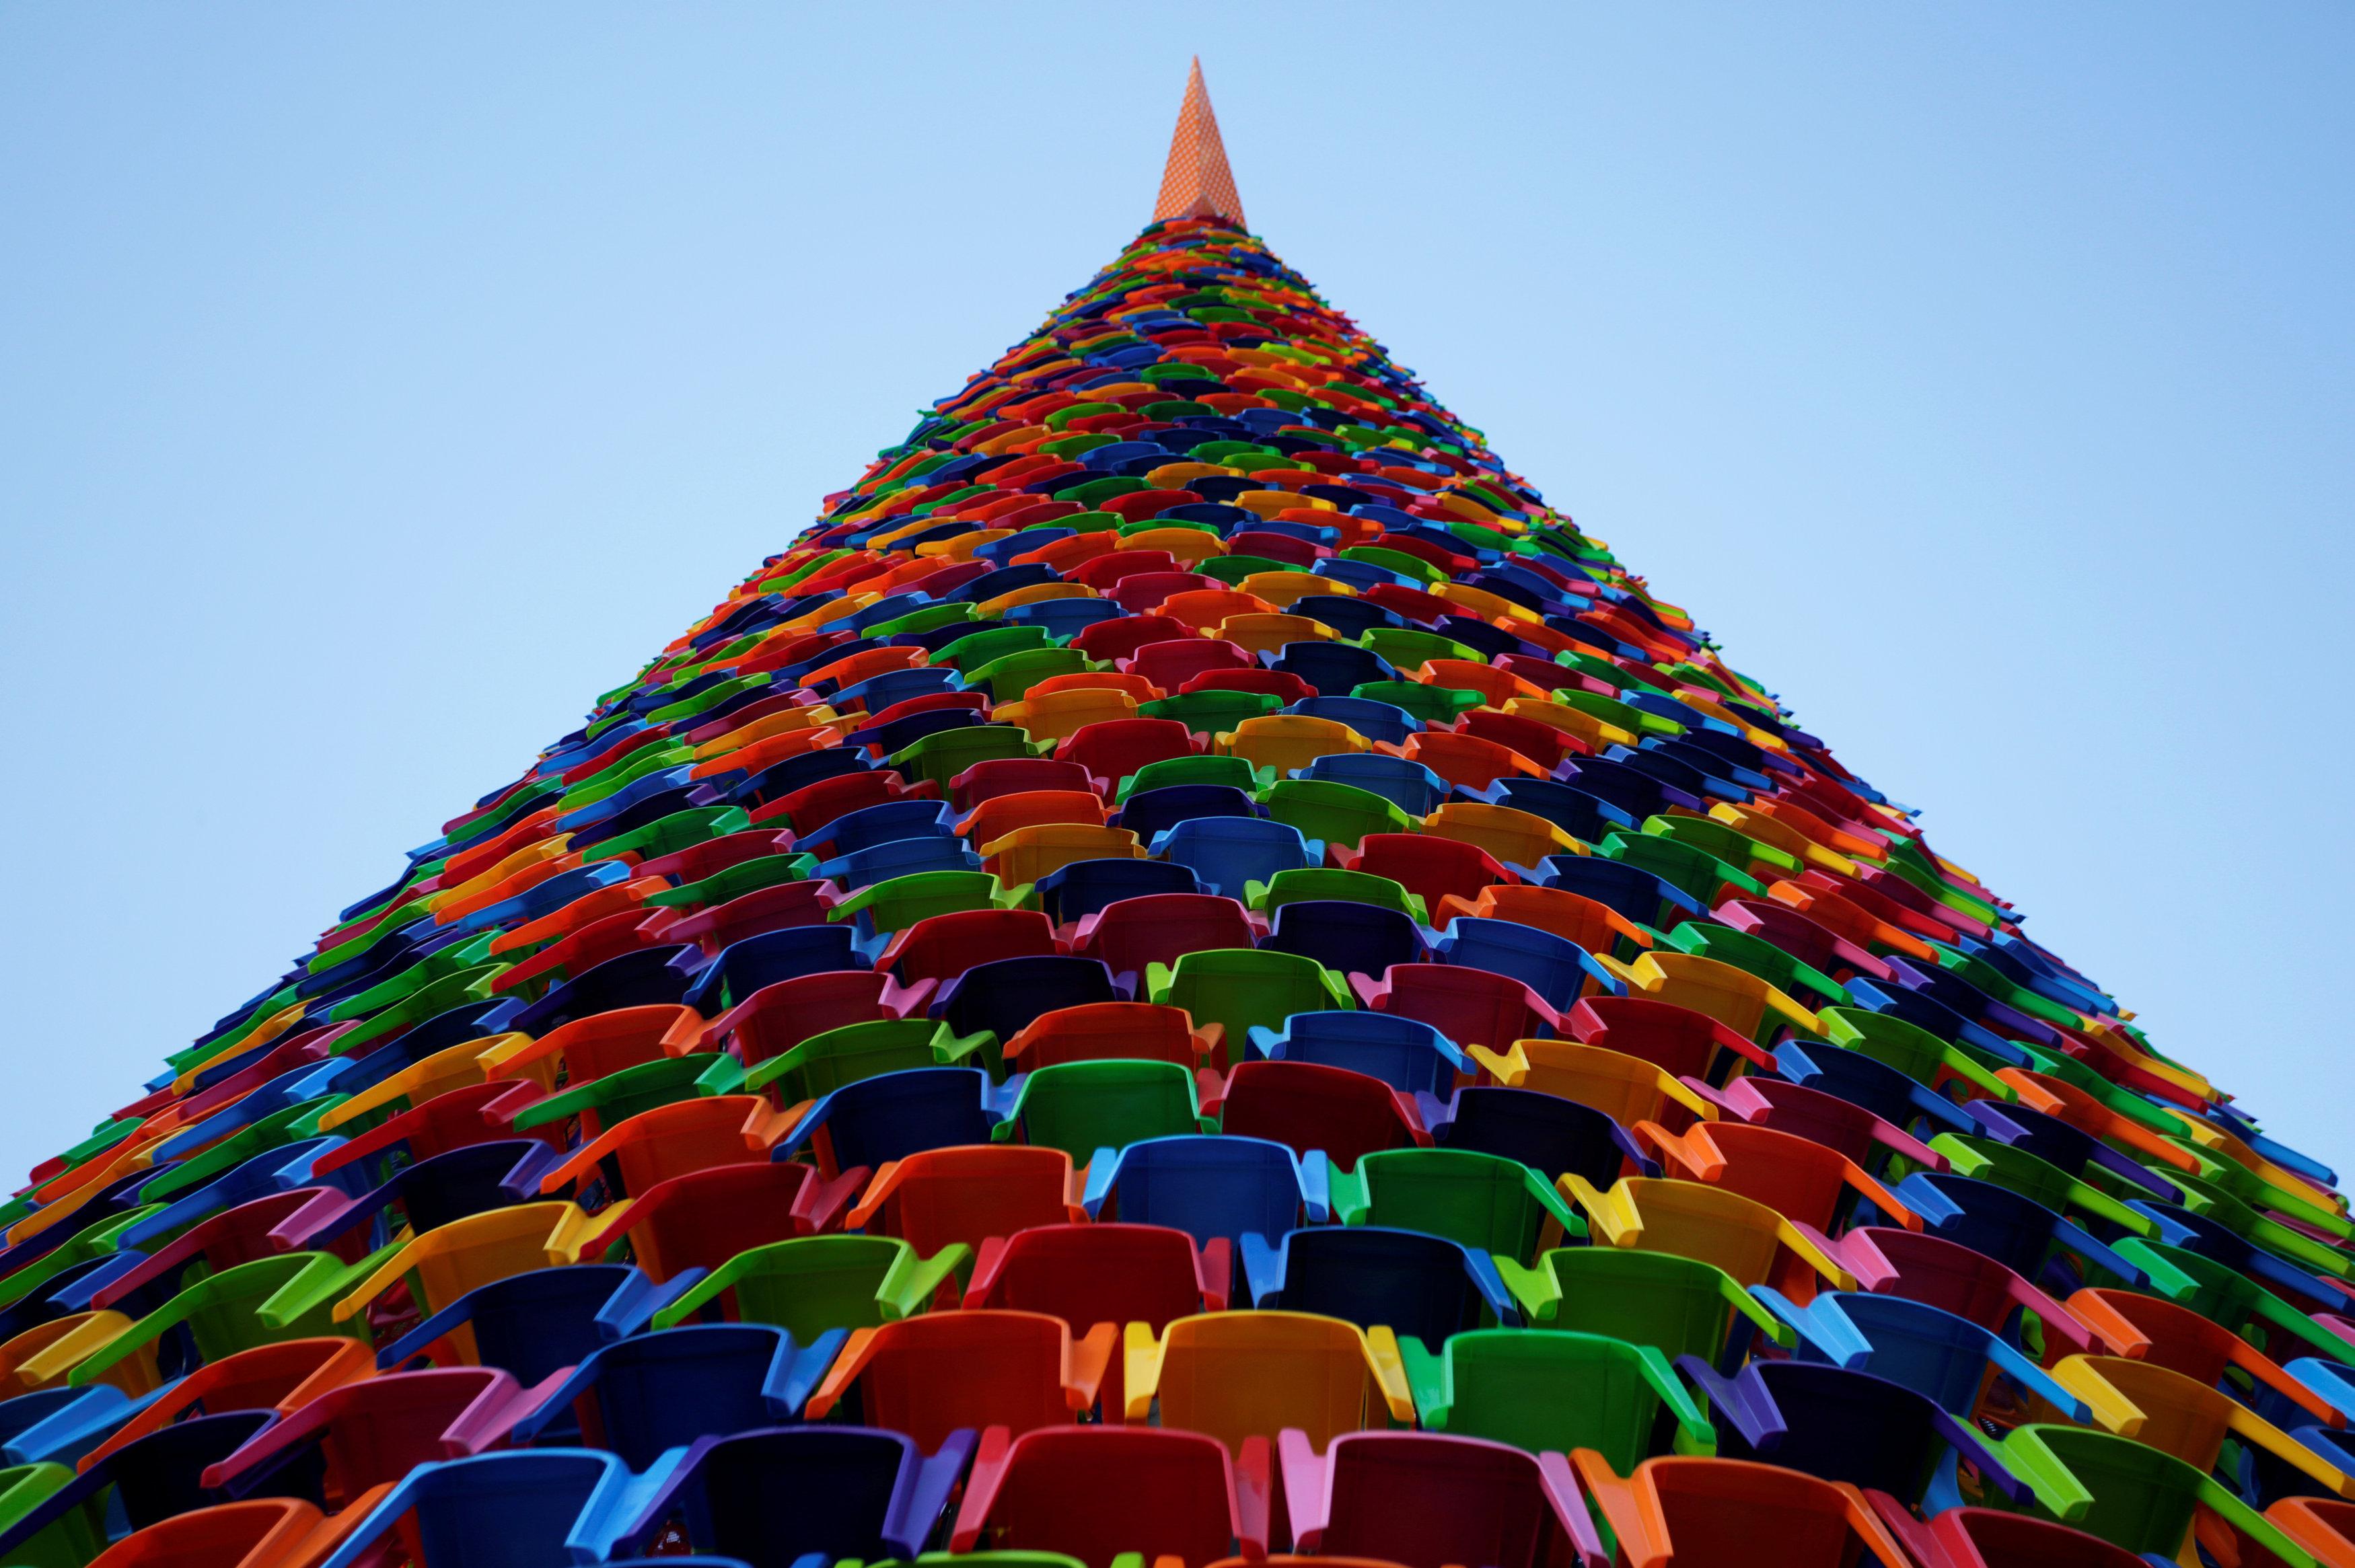 Árbol de Navidad hecho con sillas de plástico en México